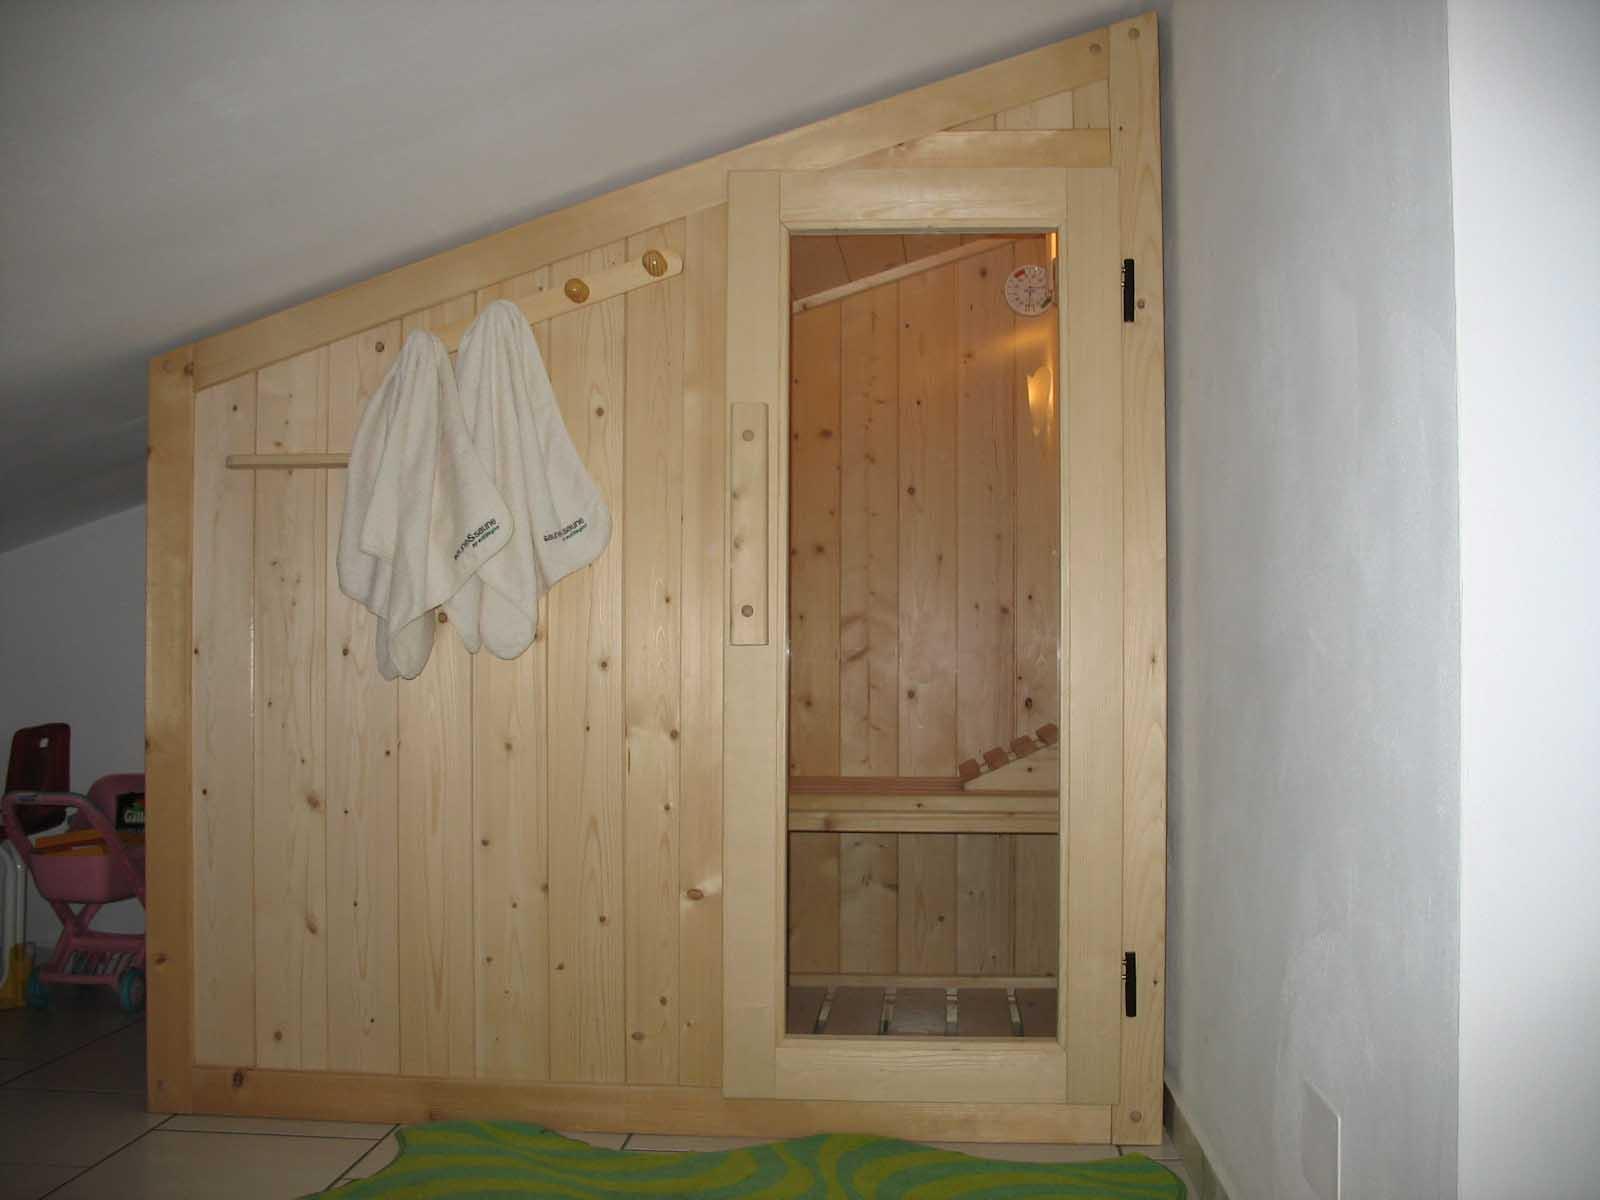 Modelli sauna finlandese e sauna con bagno turco hammam in - Bagno turco in casa ...